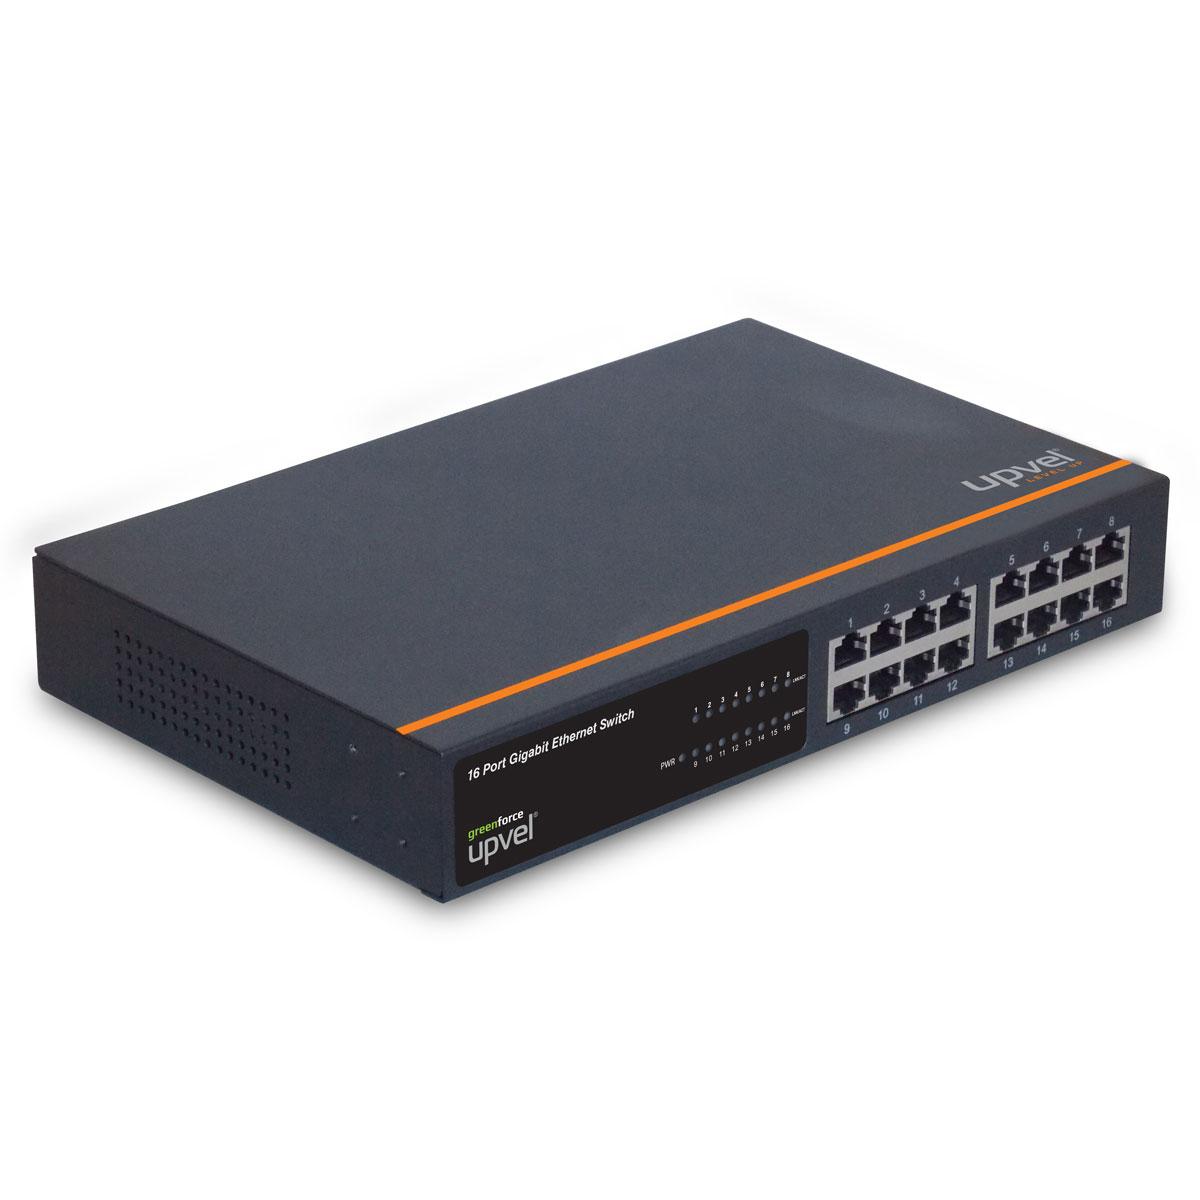 UPVEL US-16G коммутаторUS-16G16-портовый гигабитный настольный коммутатор US-16G с поддержкой технологии GREENforce. US-16G обеспечивает высокую скорость передачи данных, отличается удобством использования, высокой надежностью и предоставляет вам простой способ перейти на Gigabit Ethernet. При этом устройство позволяет в некоторых случаях сократить энергопотребление на 40%. Высокая общая пропускная способность 16 Гбит/с с поддержкой дуплексного режима позволяют повысить производительность и избежать перегрузок сети. Устройство помещено в прочный металлический корпус, поддерживает технологию Plug and Play, что позволяет создать надежную и высокопроизводительную сеть без дополнительной настройки.Пропускная способность: 32 Мбит/сСтандарт: IEEE 802.3 10Base-TIEEE 802.3u 100Base-TXIEEE 802.3ab 1000BASE-TIEEE 802.3x Flow ControlСкорость передачи данных: Ethernet: 10Мбит/с / 20Мбит/с (Half/Full-Duplex),Fast Ethernet: 100Мбит/с / 200Мбит/с (Half/Full-Duplex)Gigabit Ethernet: 2000Мбит/с (Full-Duplex)